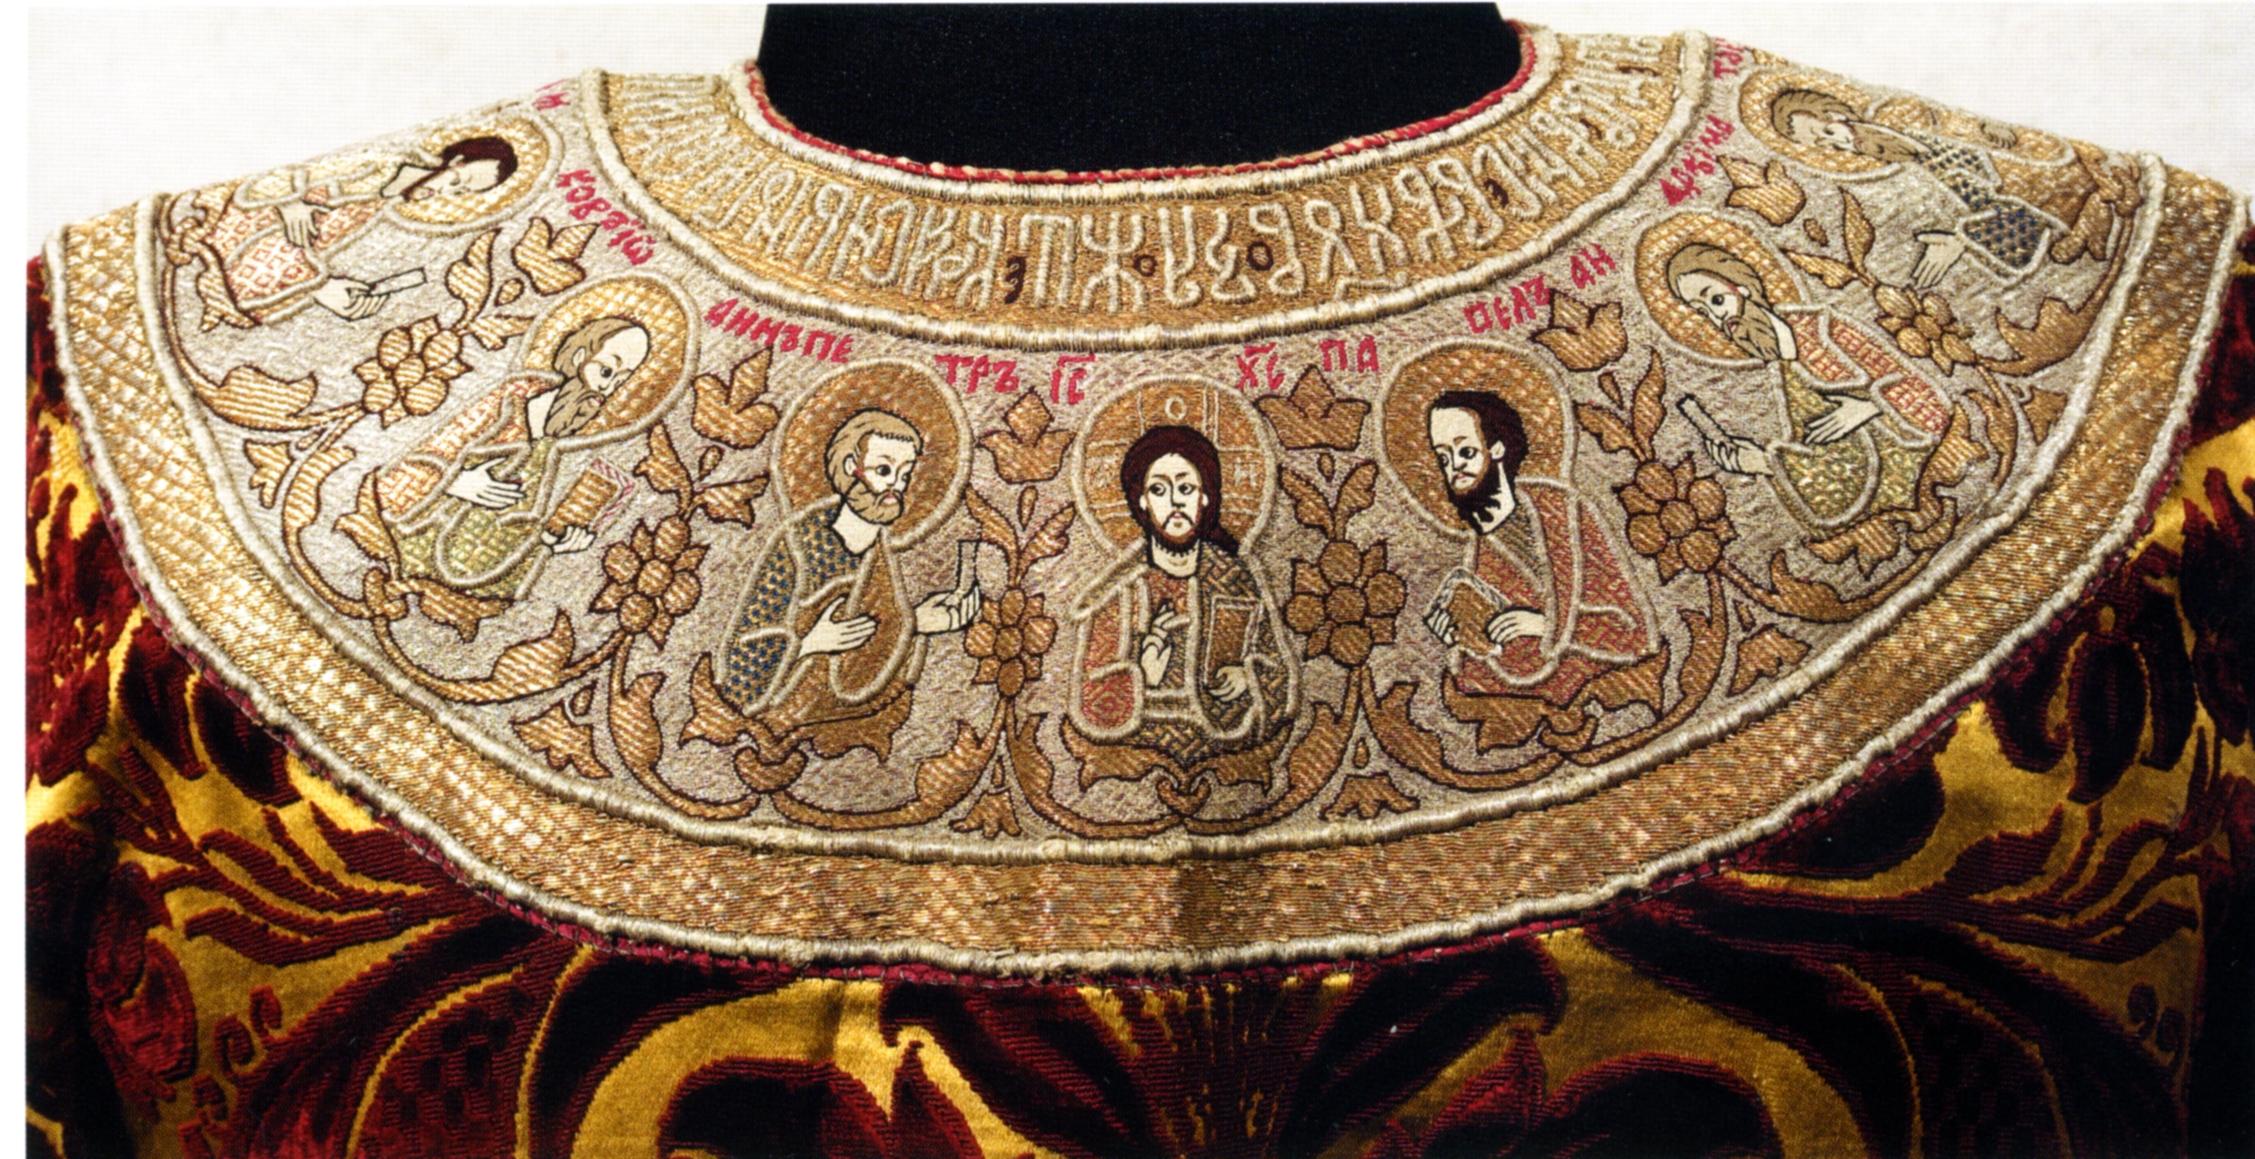 Какой Российский город с 13 века славится Золотой вышивкой по материи? 36